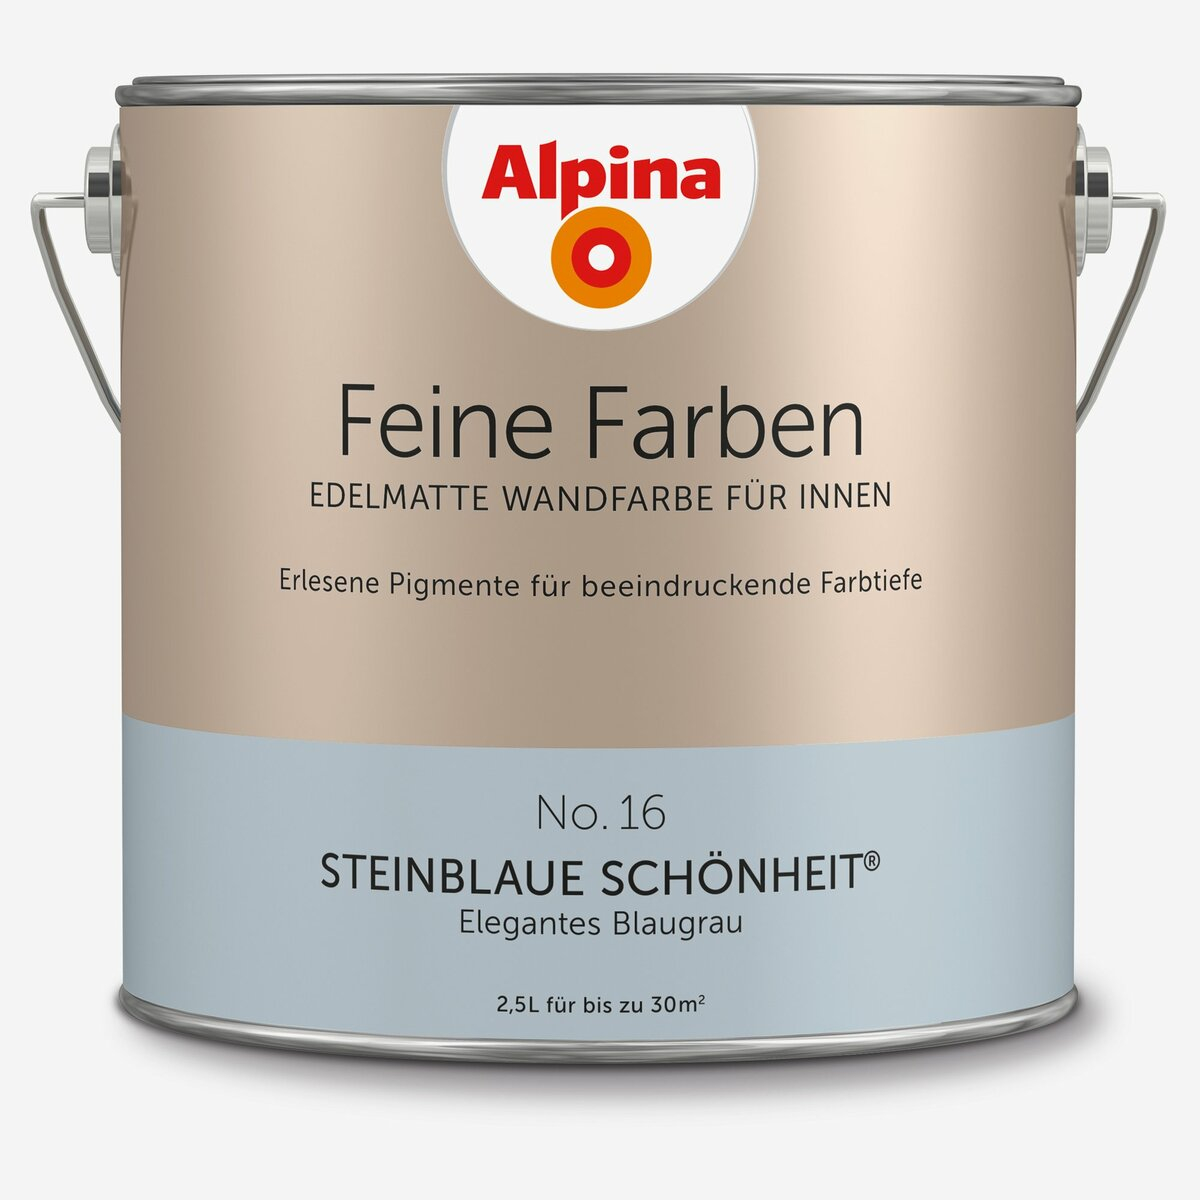 Bild 1 von Alpina -              Alpina Wandfarbe 'Feine Farben' No. 16 'Steinblaue Schönheit', blaugrau, 2,5 l